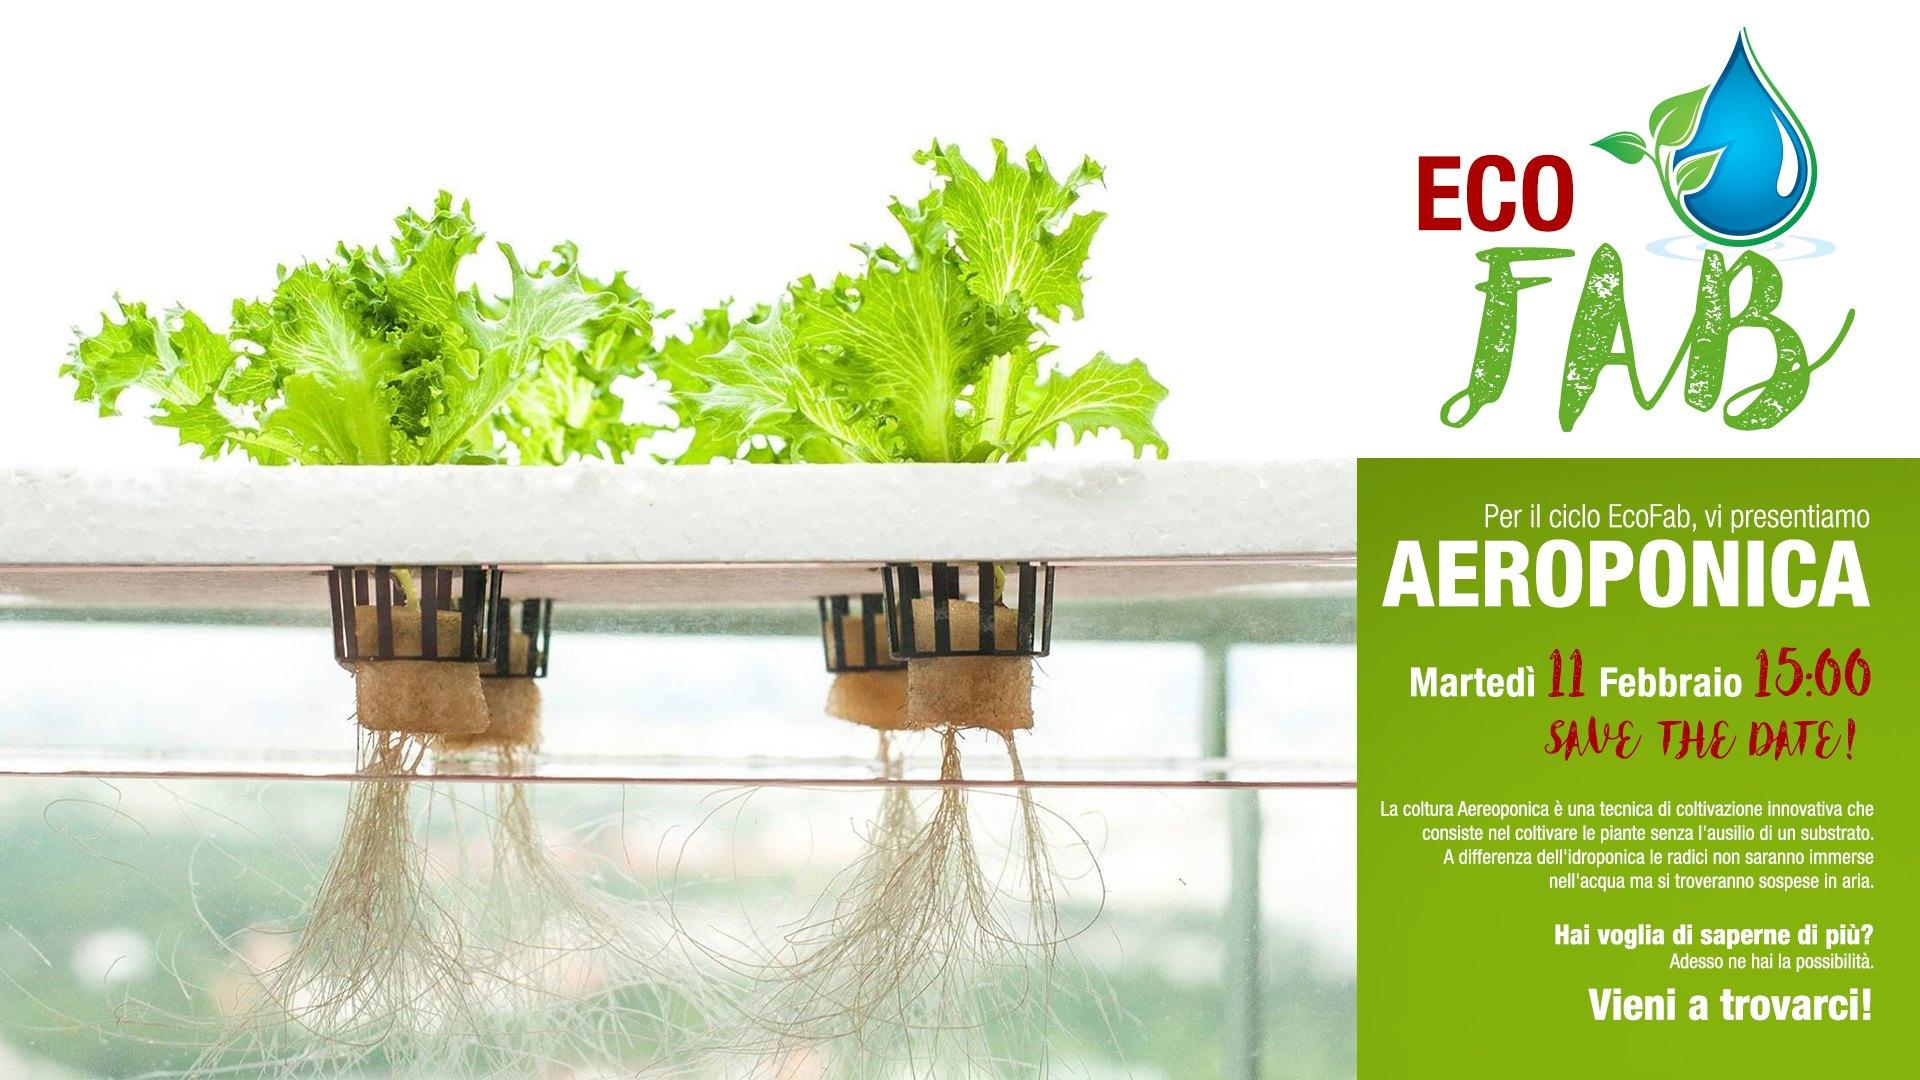 EcoFab – Aeroponica!